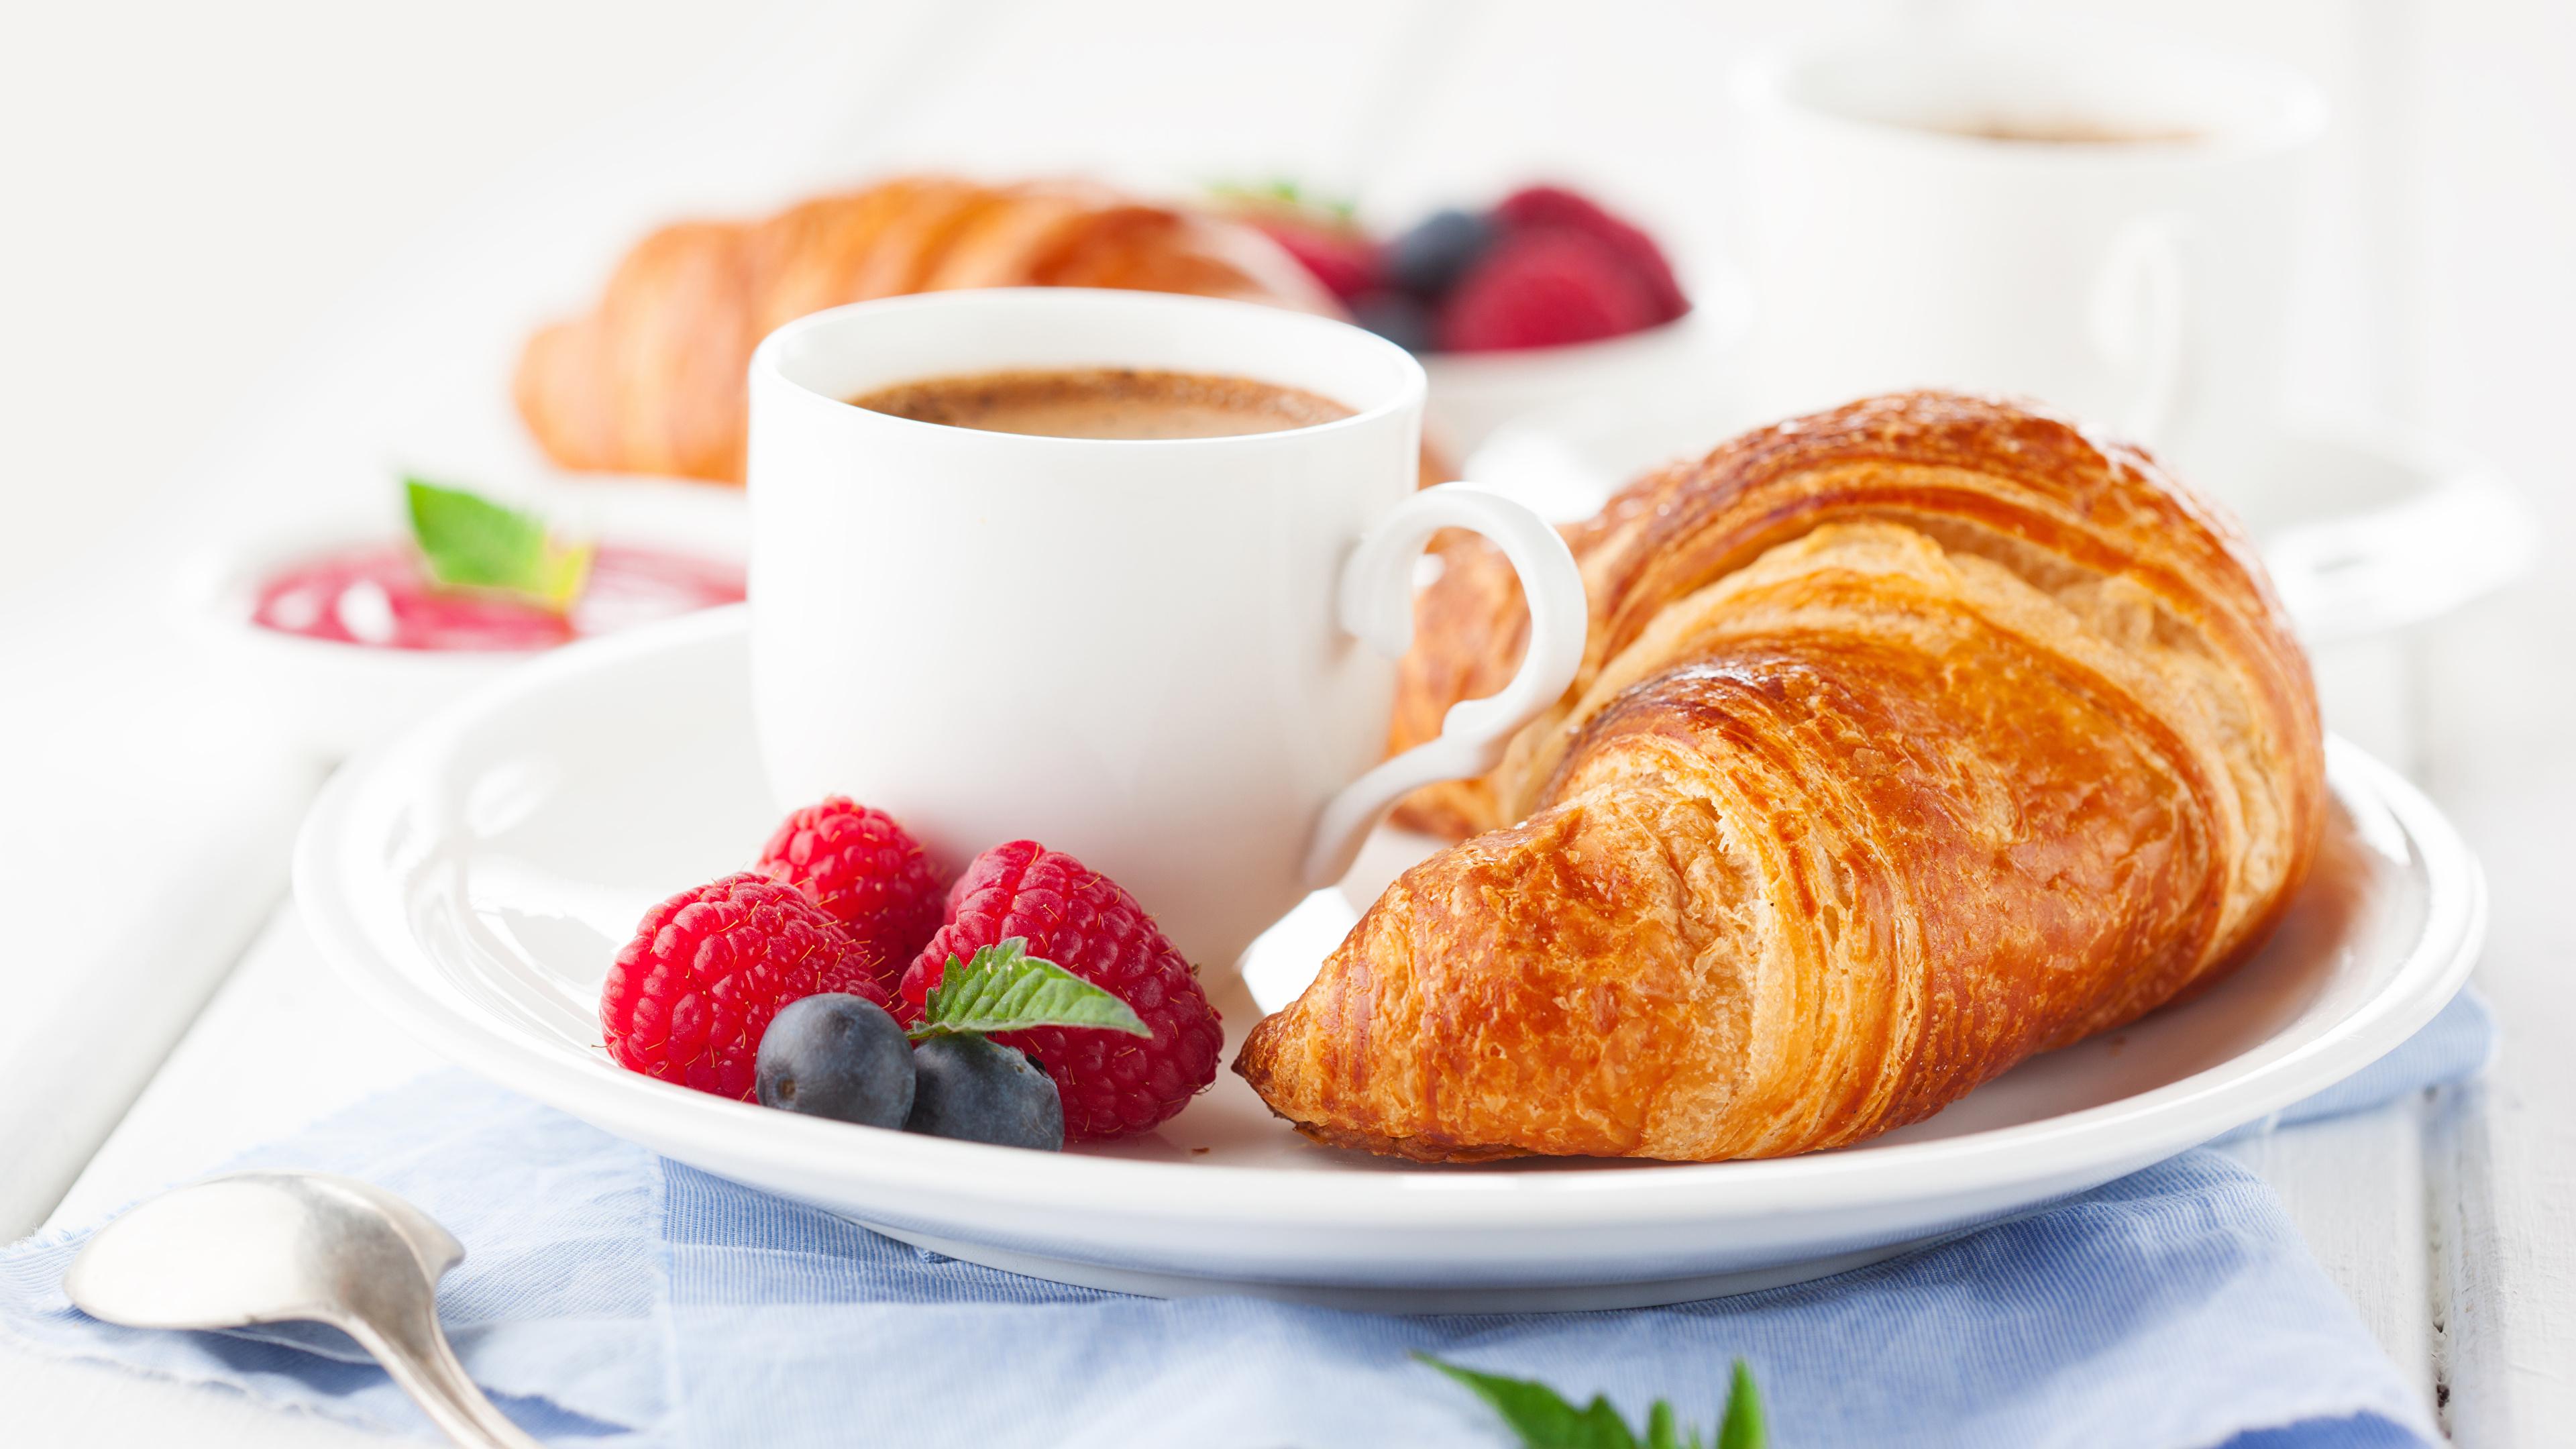 Bilder von Kaffee Croissant Frühstück Himbeeren Heidelbeeren Tasse Lebensmittel 3840x2160